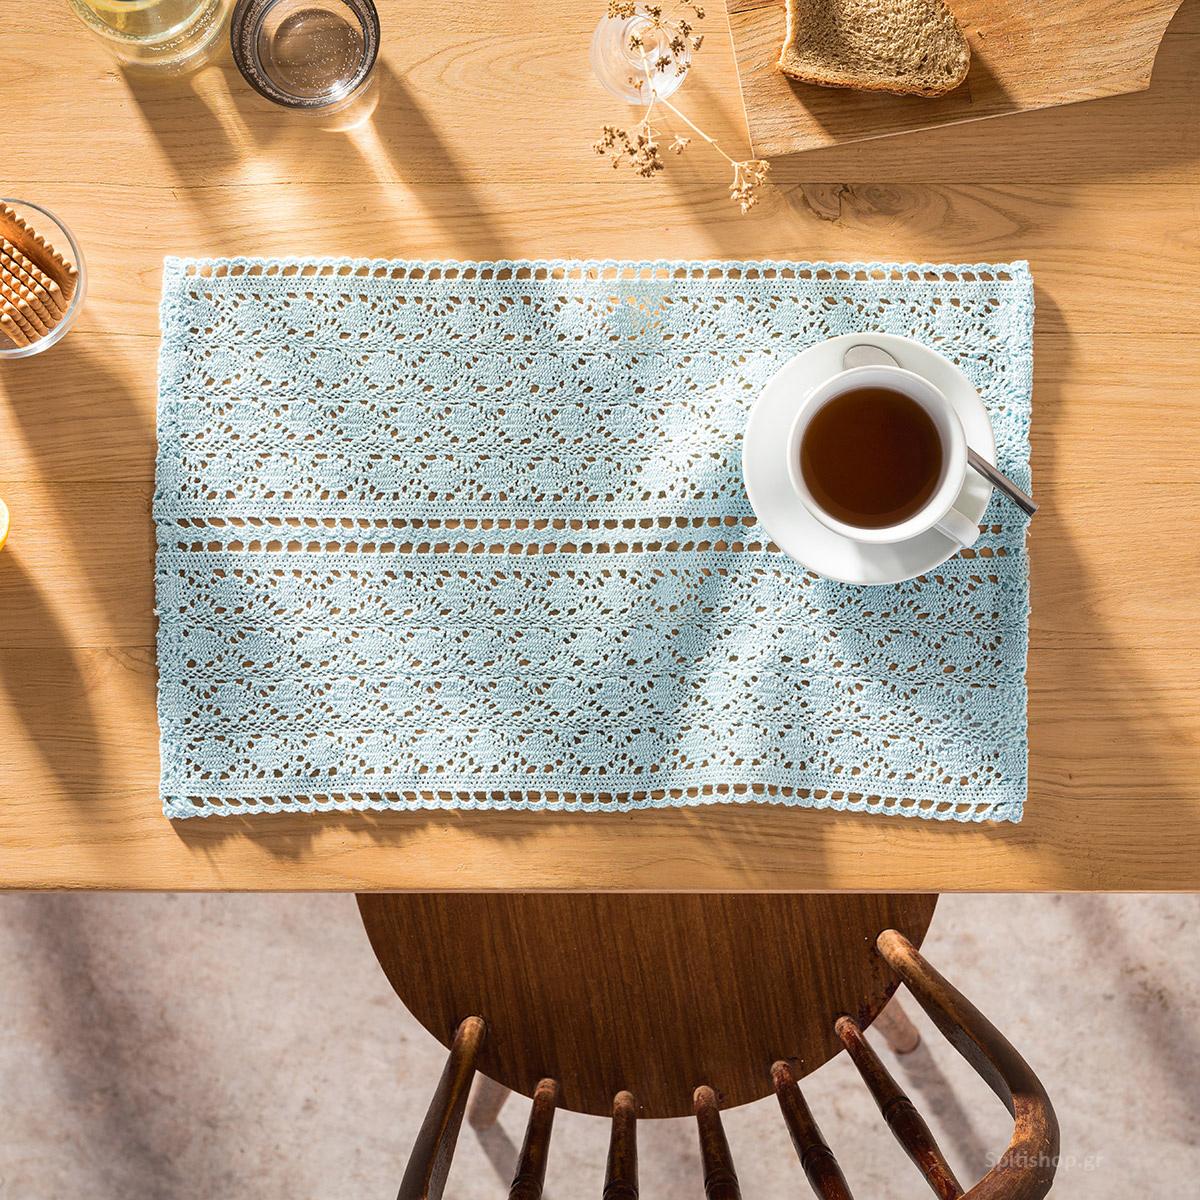 Σουπλά (Σετ 2τμχ) Gofis Home Crochet Ciel 019/01